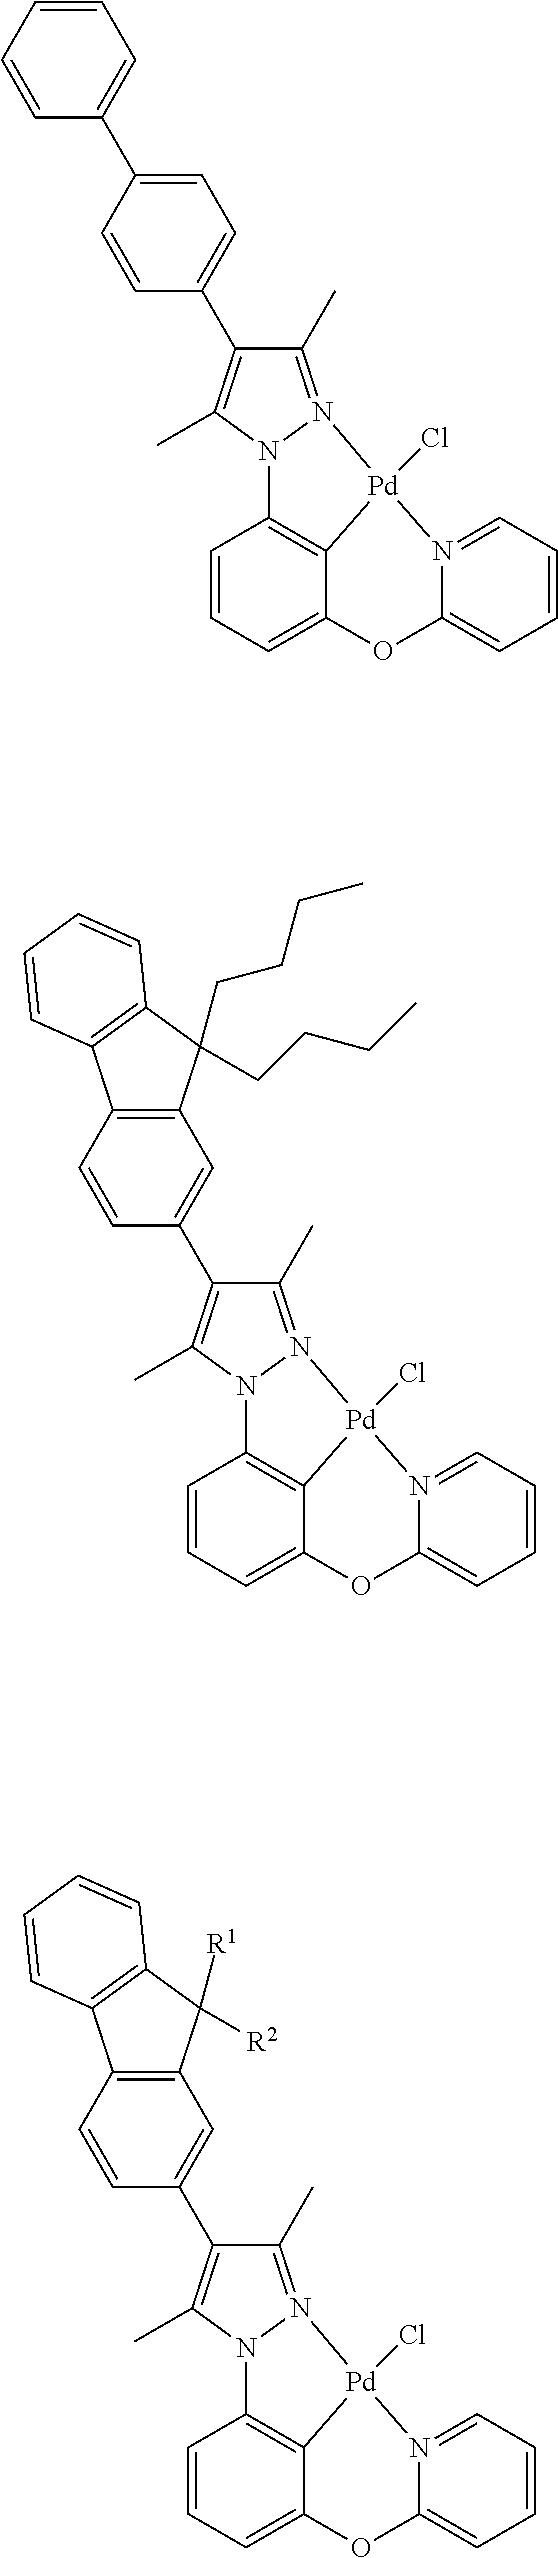 Figure US09818959-20171114-C00525